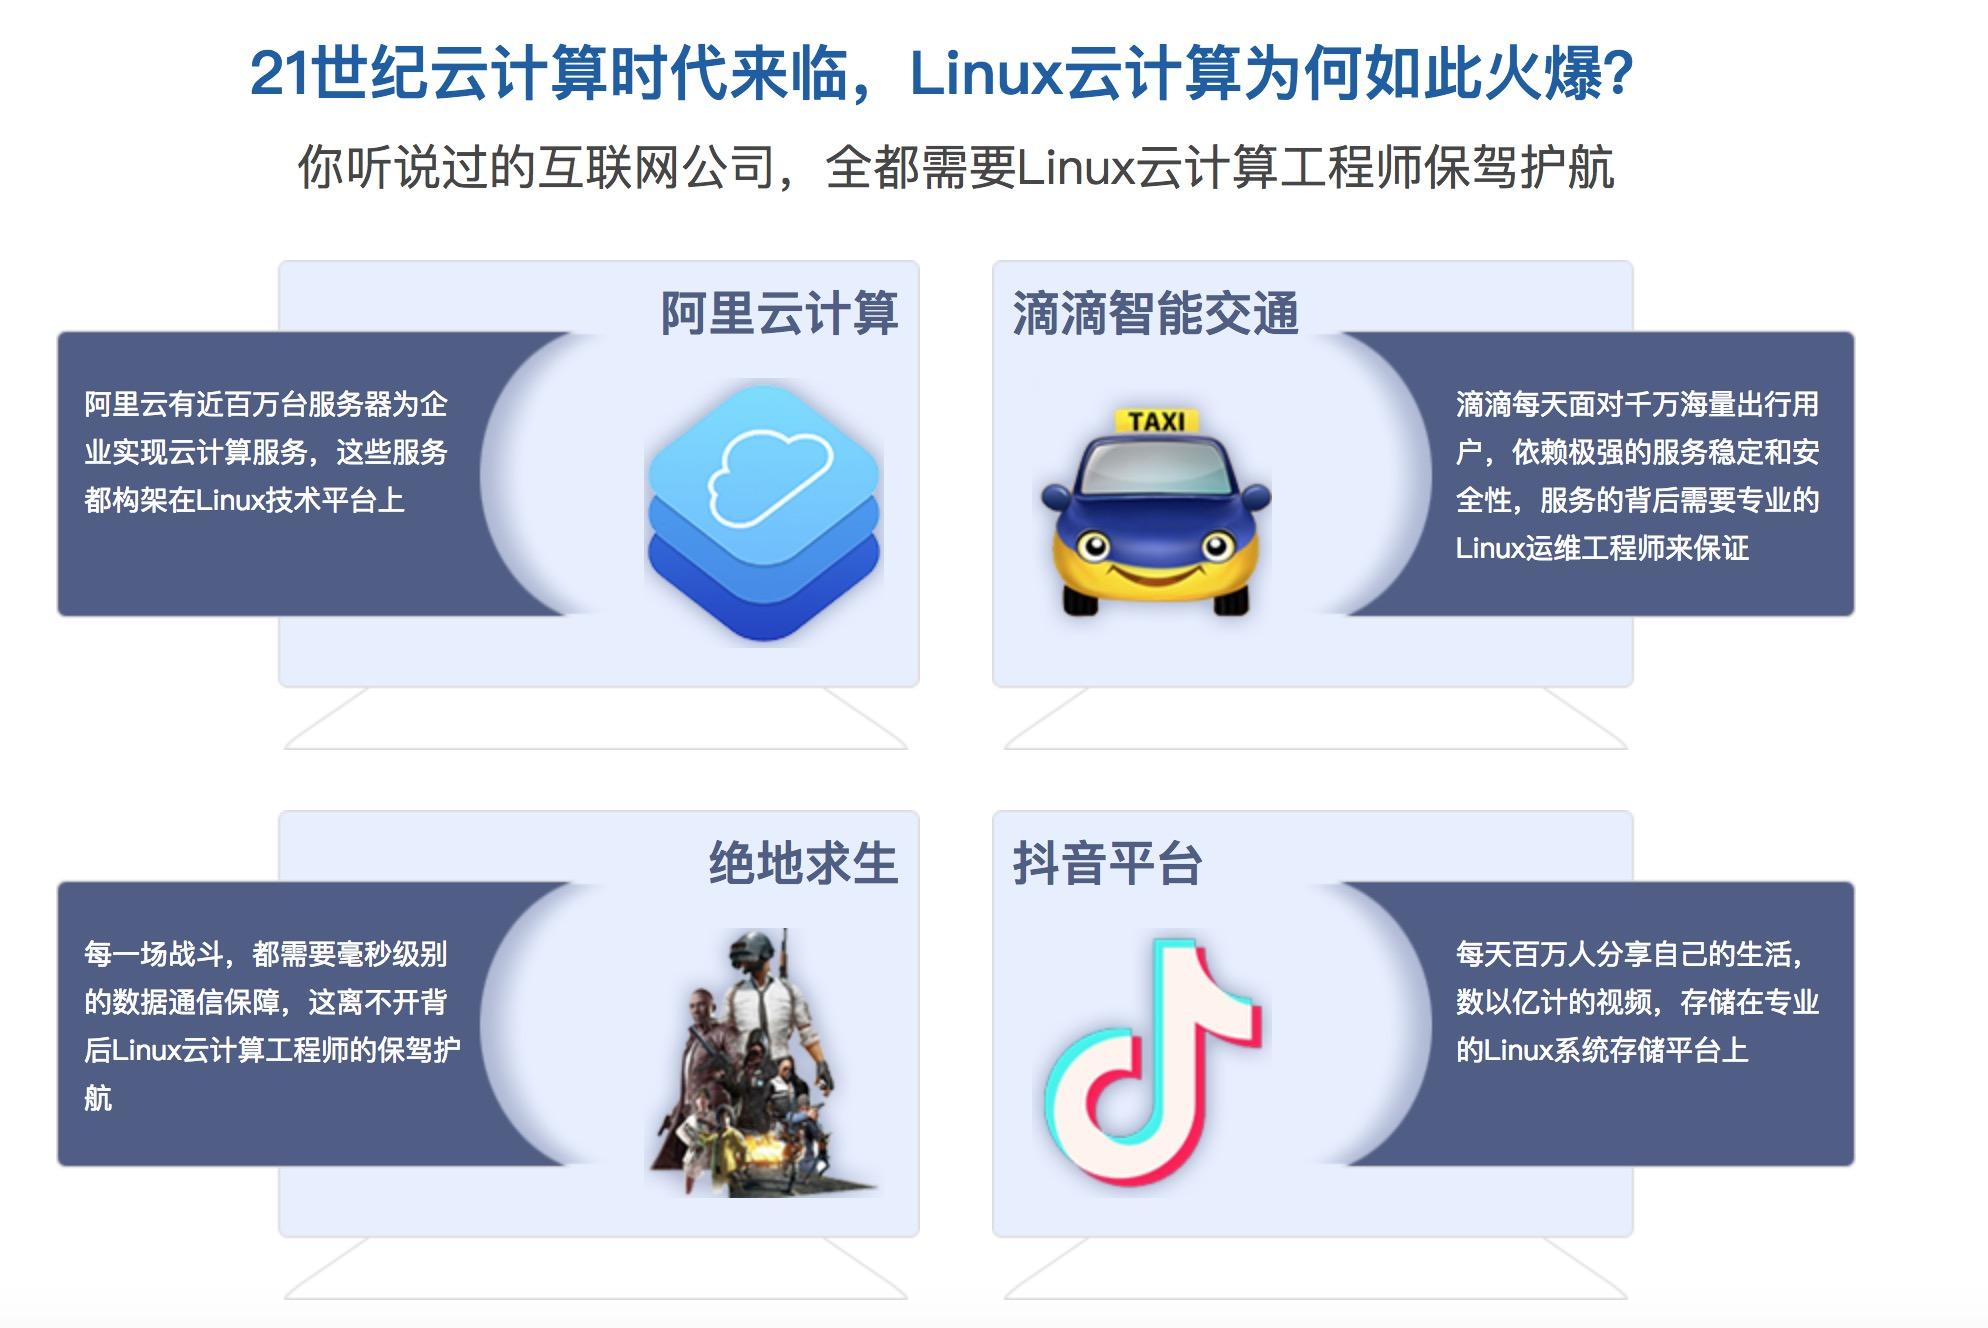 北京linux培训哪家好?听听过来人的建议!